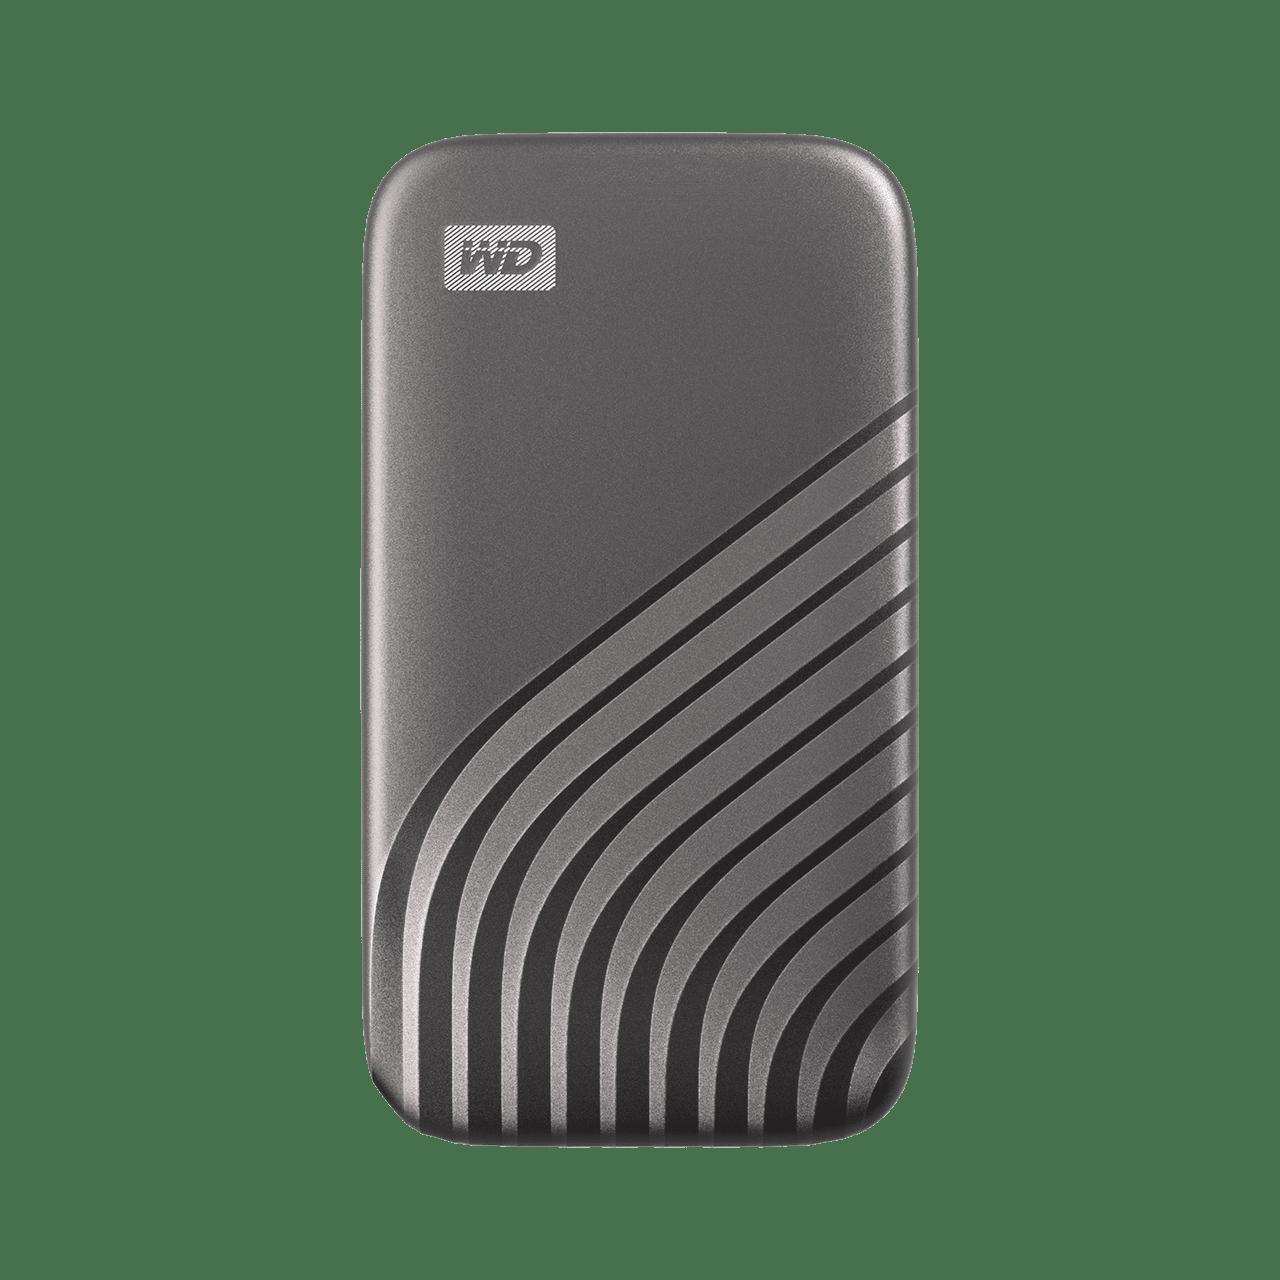 Ext. SSD WD My Passport SSD 4TB šedá - WDBAGF0040BGY-WESN